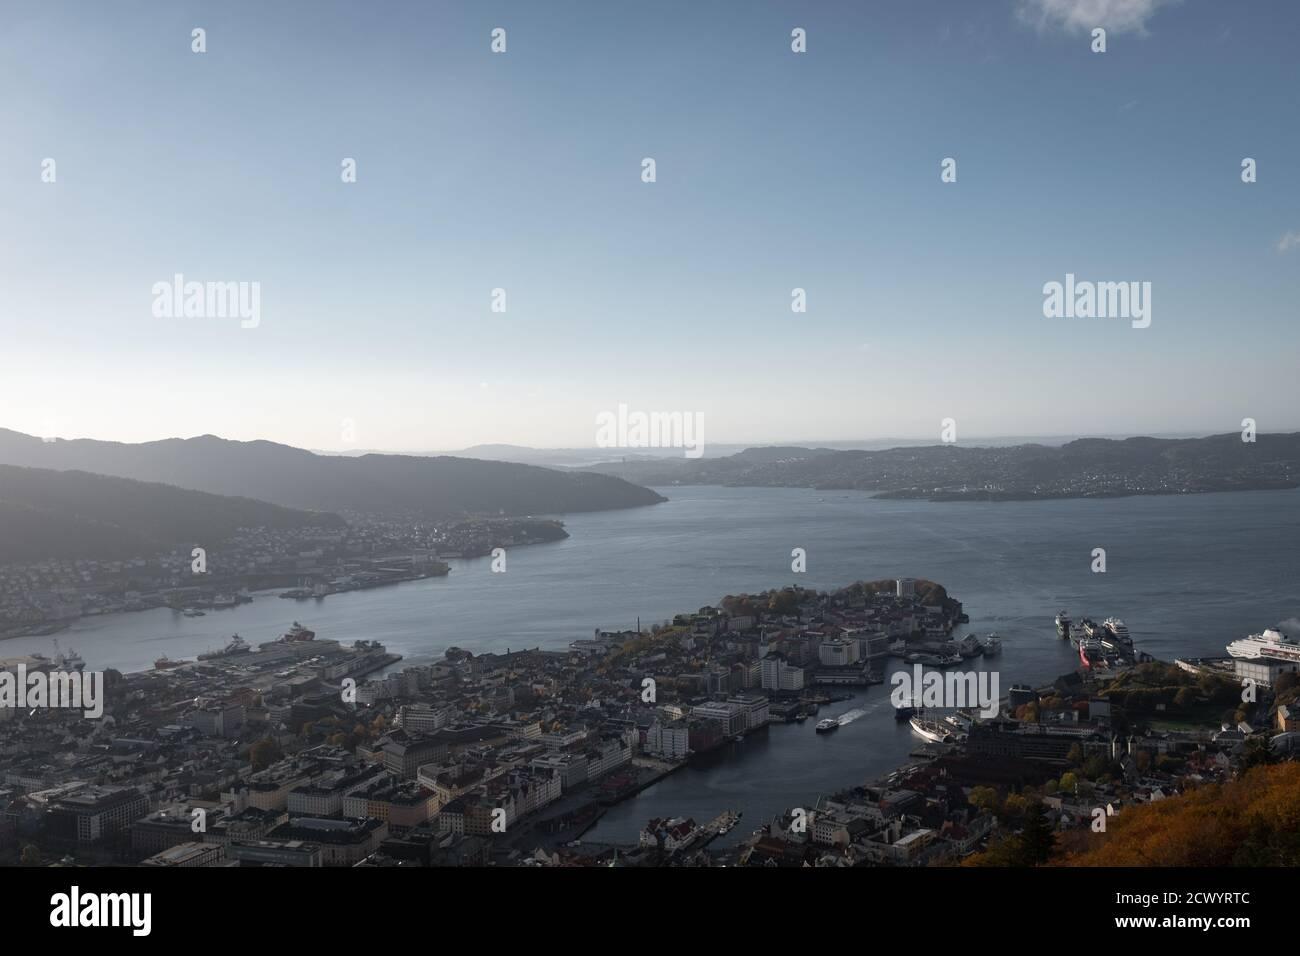 Paisaje urbano de Bergen Noruega mirando al fiordo y las montañas. Vista aérea. Foto de stock